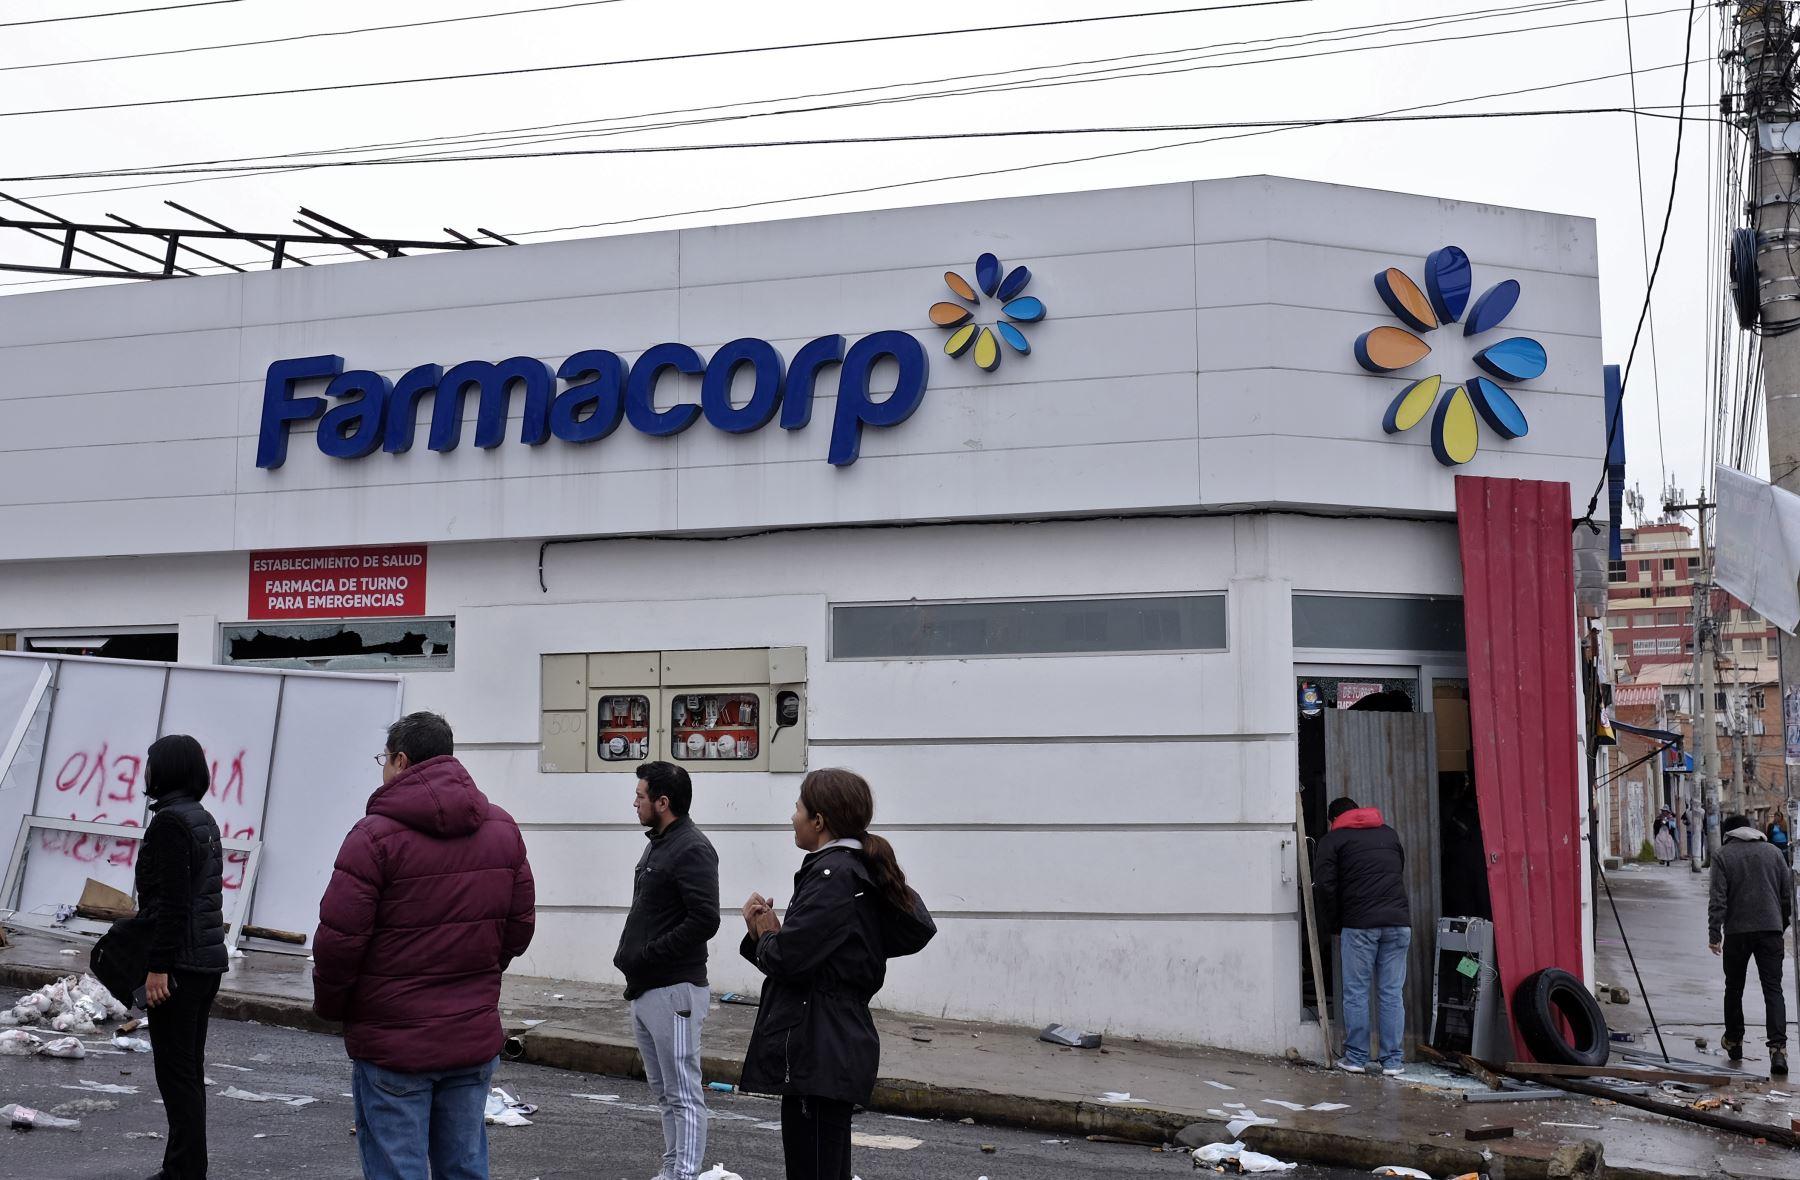 Farmacia saqueada en La Paz durante las protestas después de la renuncia  del expresidente de Bolivia Evo Morales. Foto: AFP